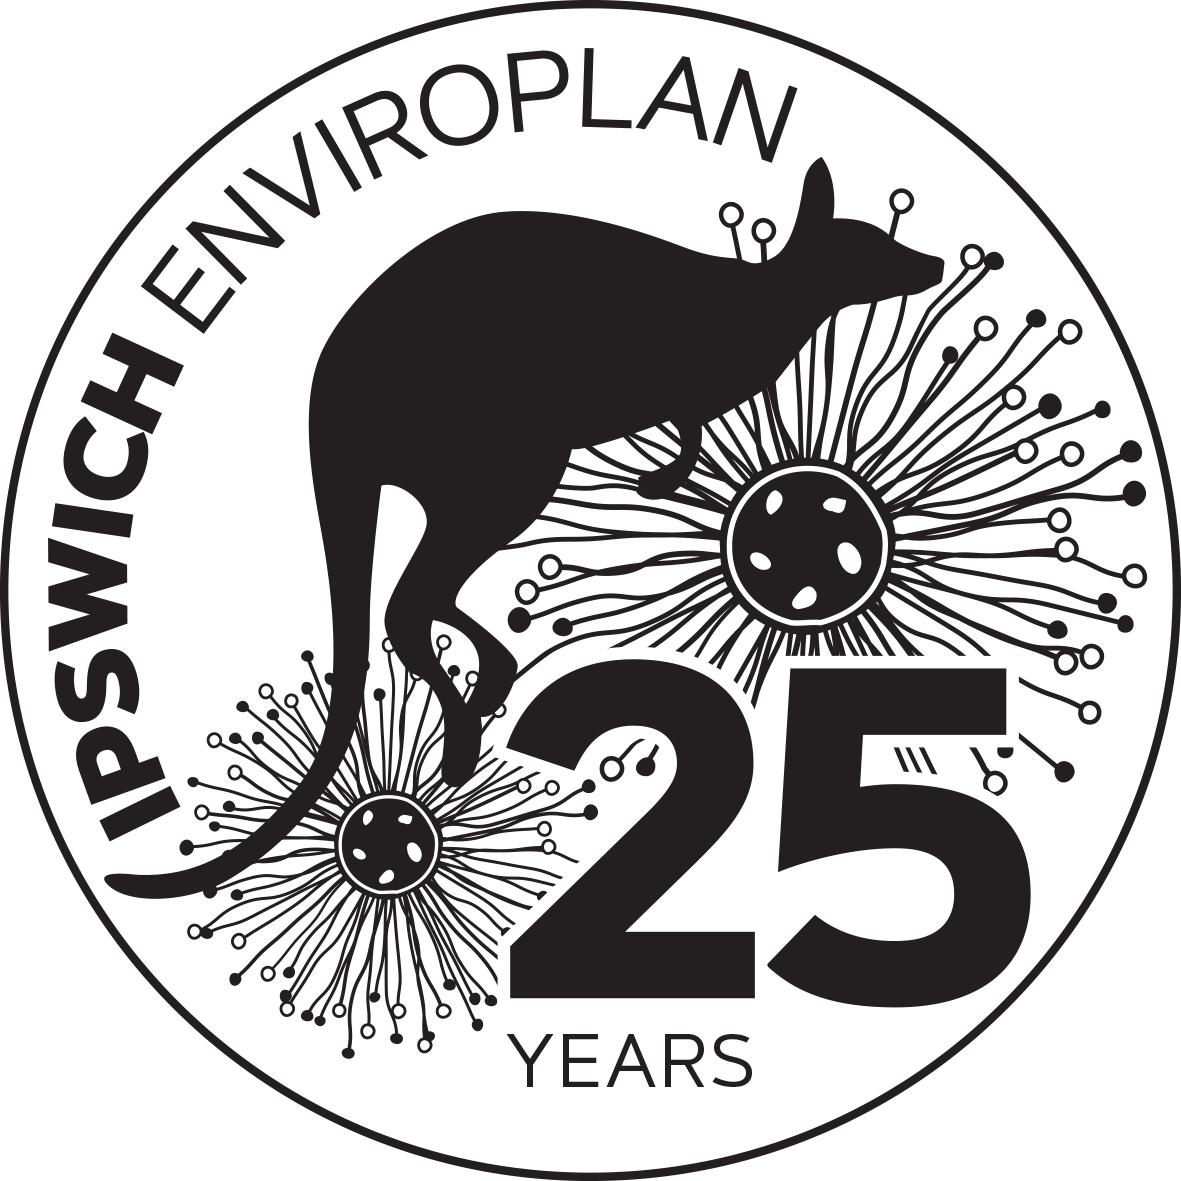 Enviroplan 25 years stamp